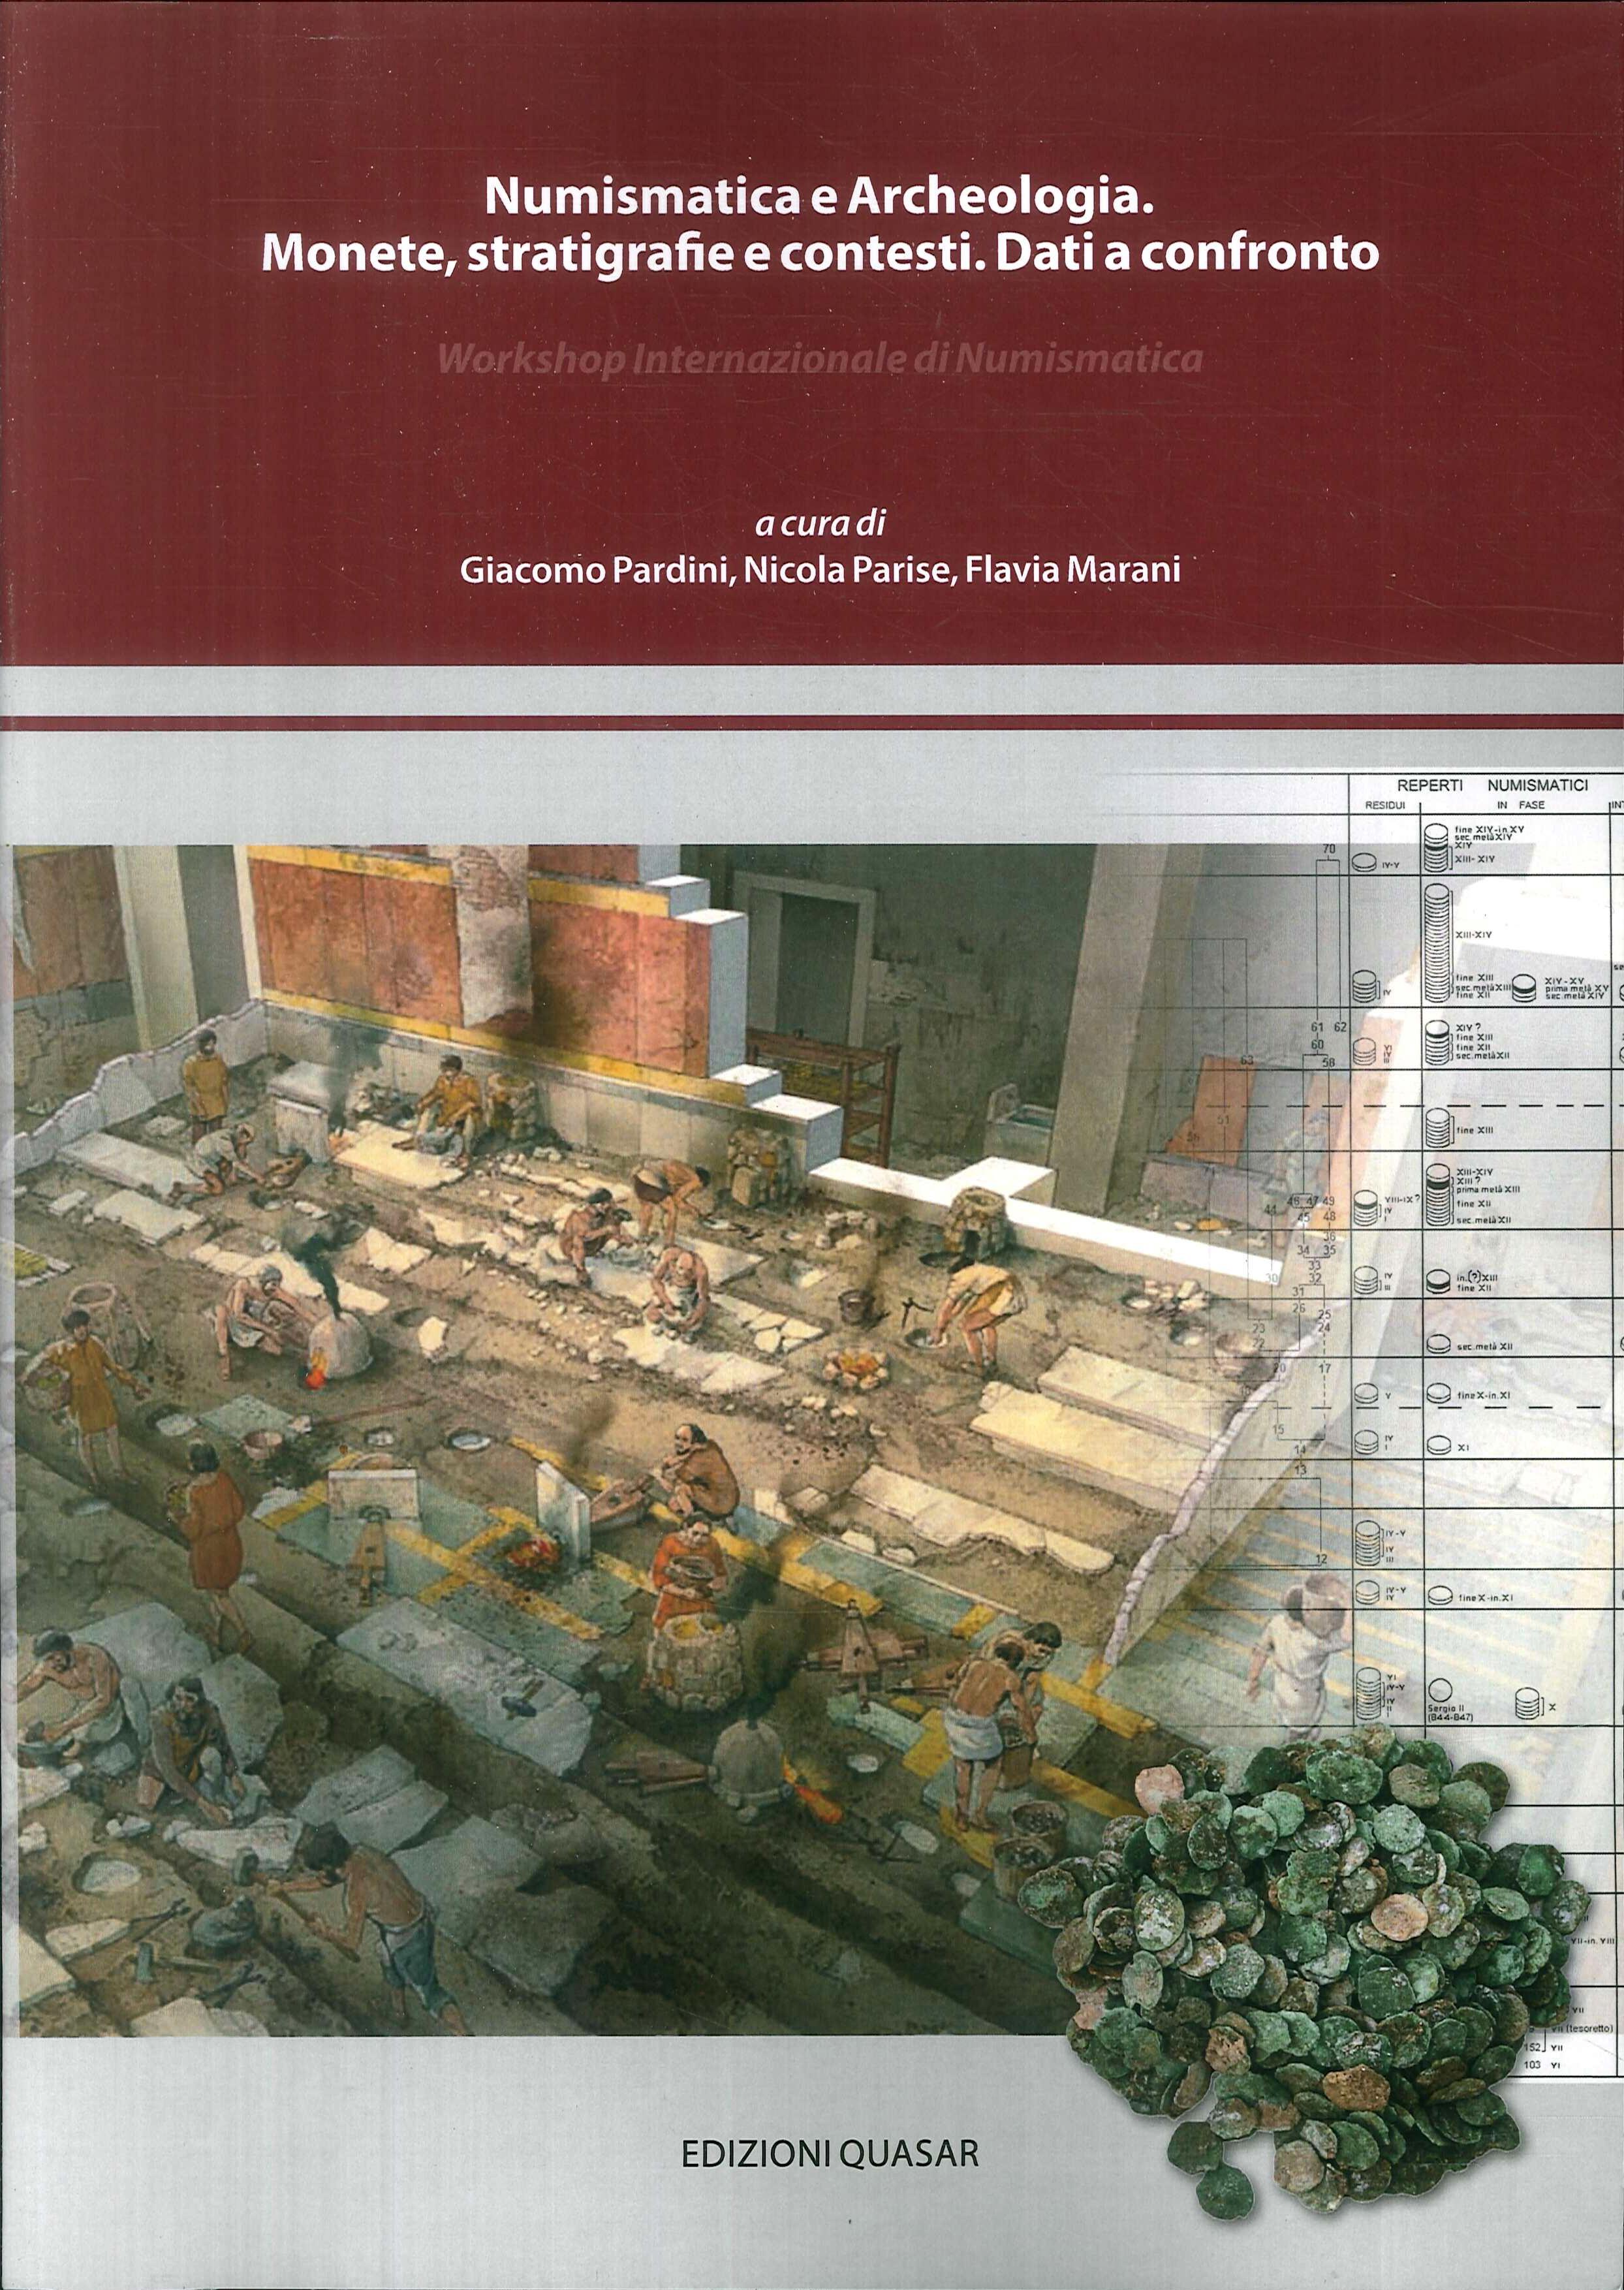 Numismatica e Archeologia. Monete, stratigrafie e contesti. Dati a confronto. Workshop Internazionale di Numismatica